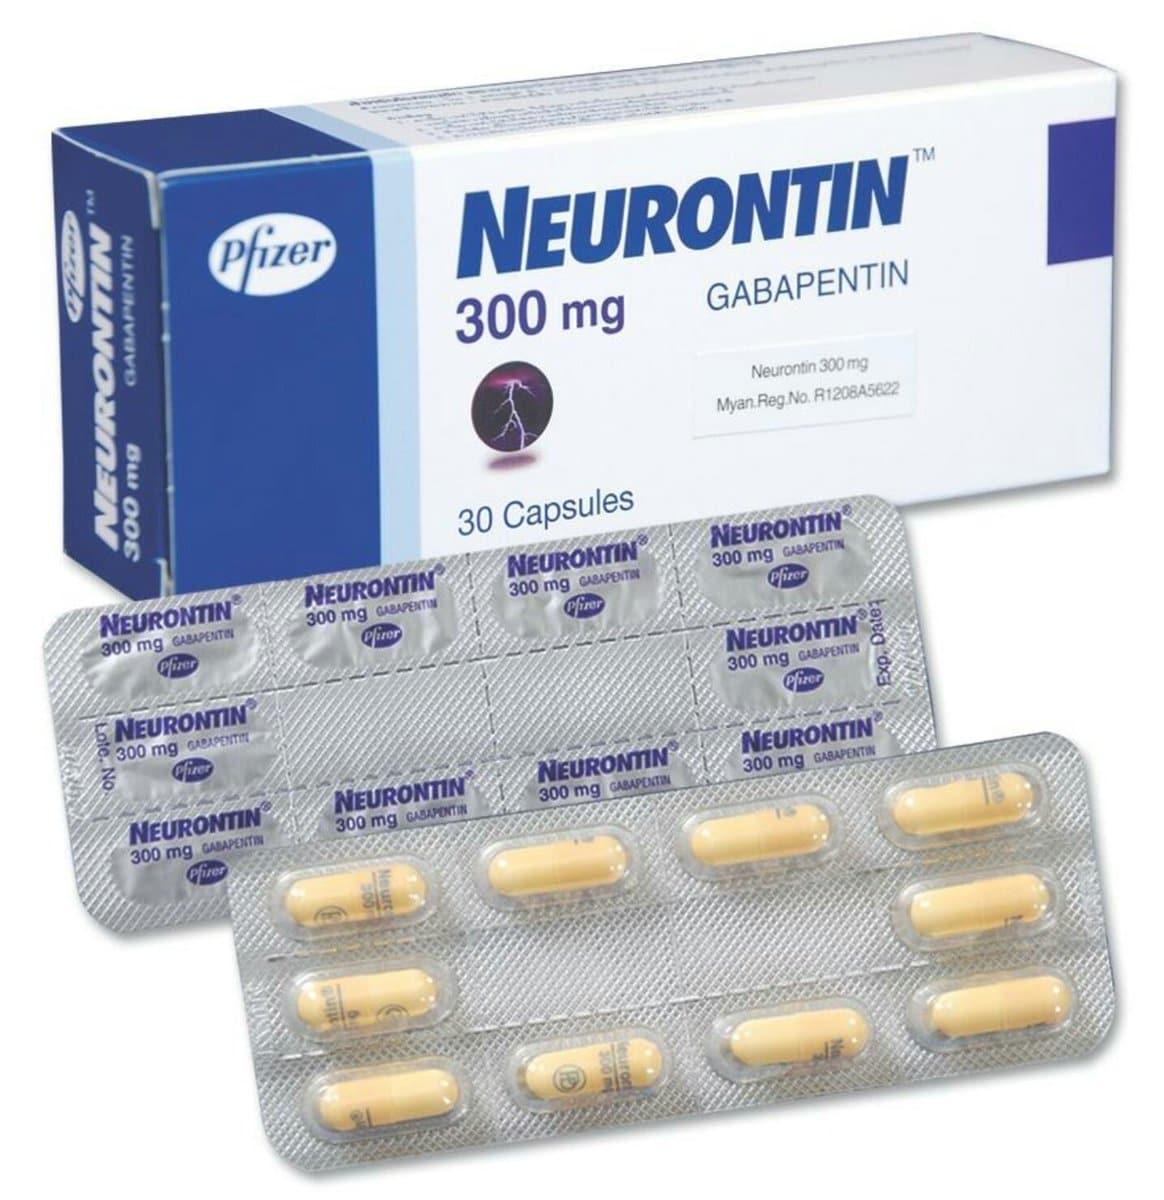 نيورونتين دواعي الاستعمال الأعراض السعر والجرعات Neurontin علاجك